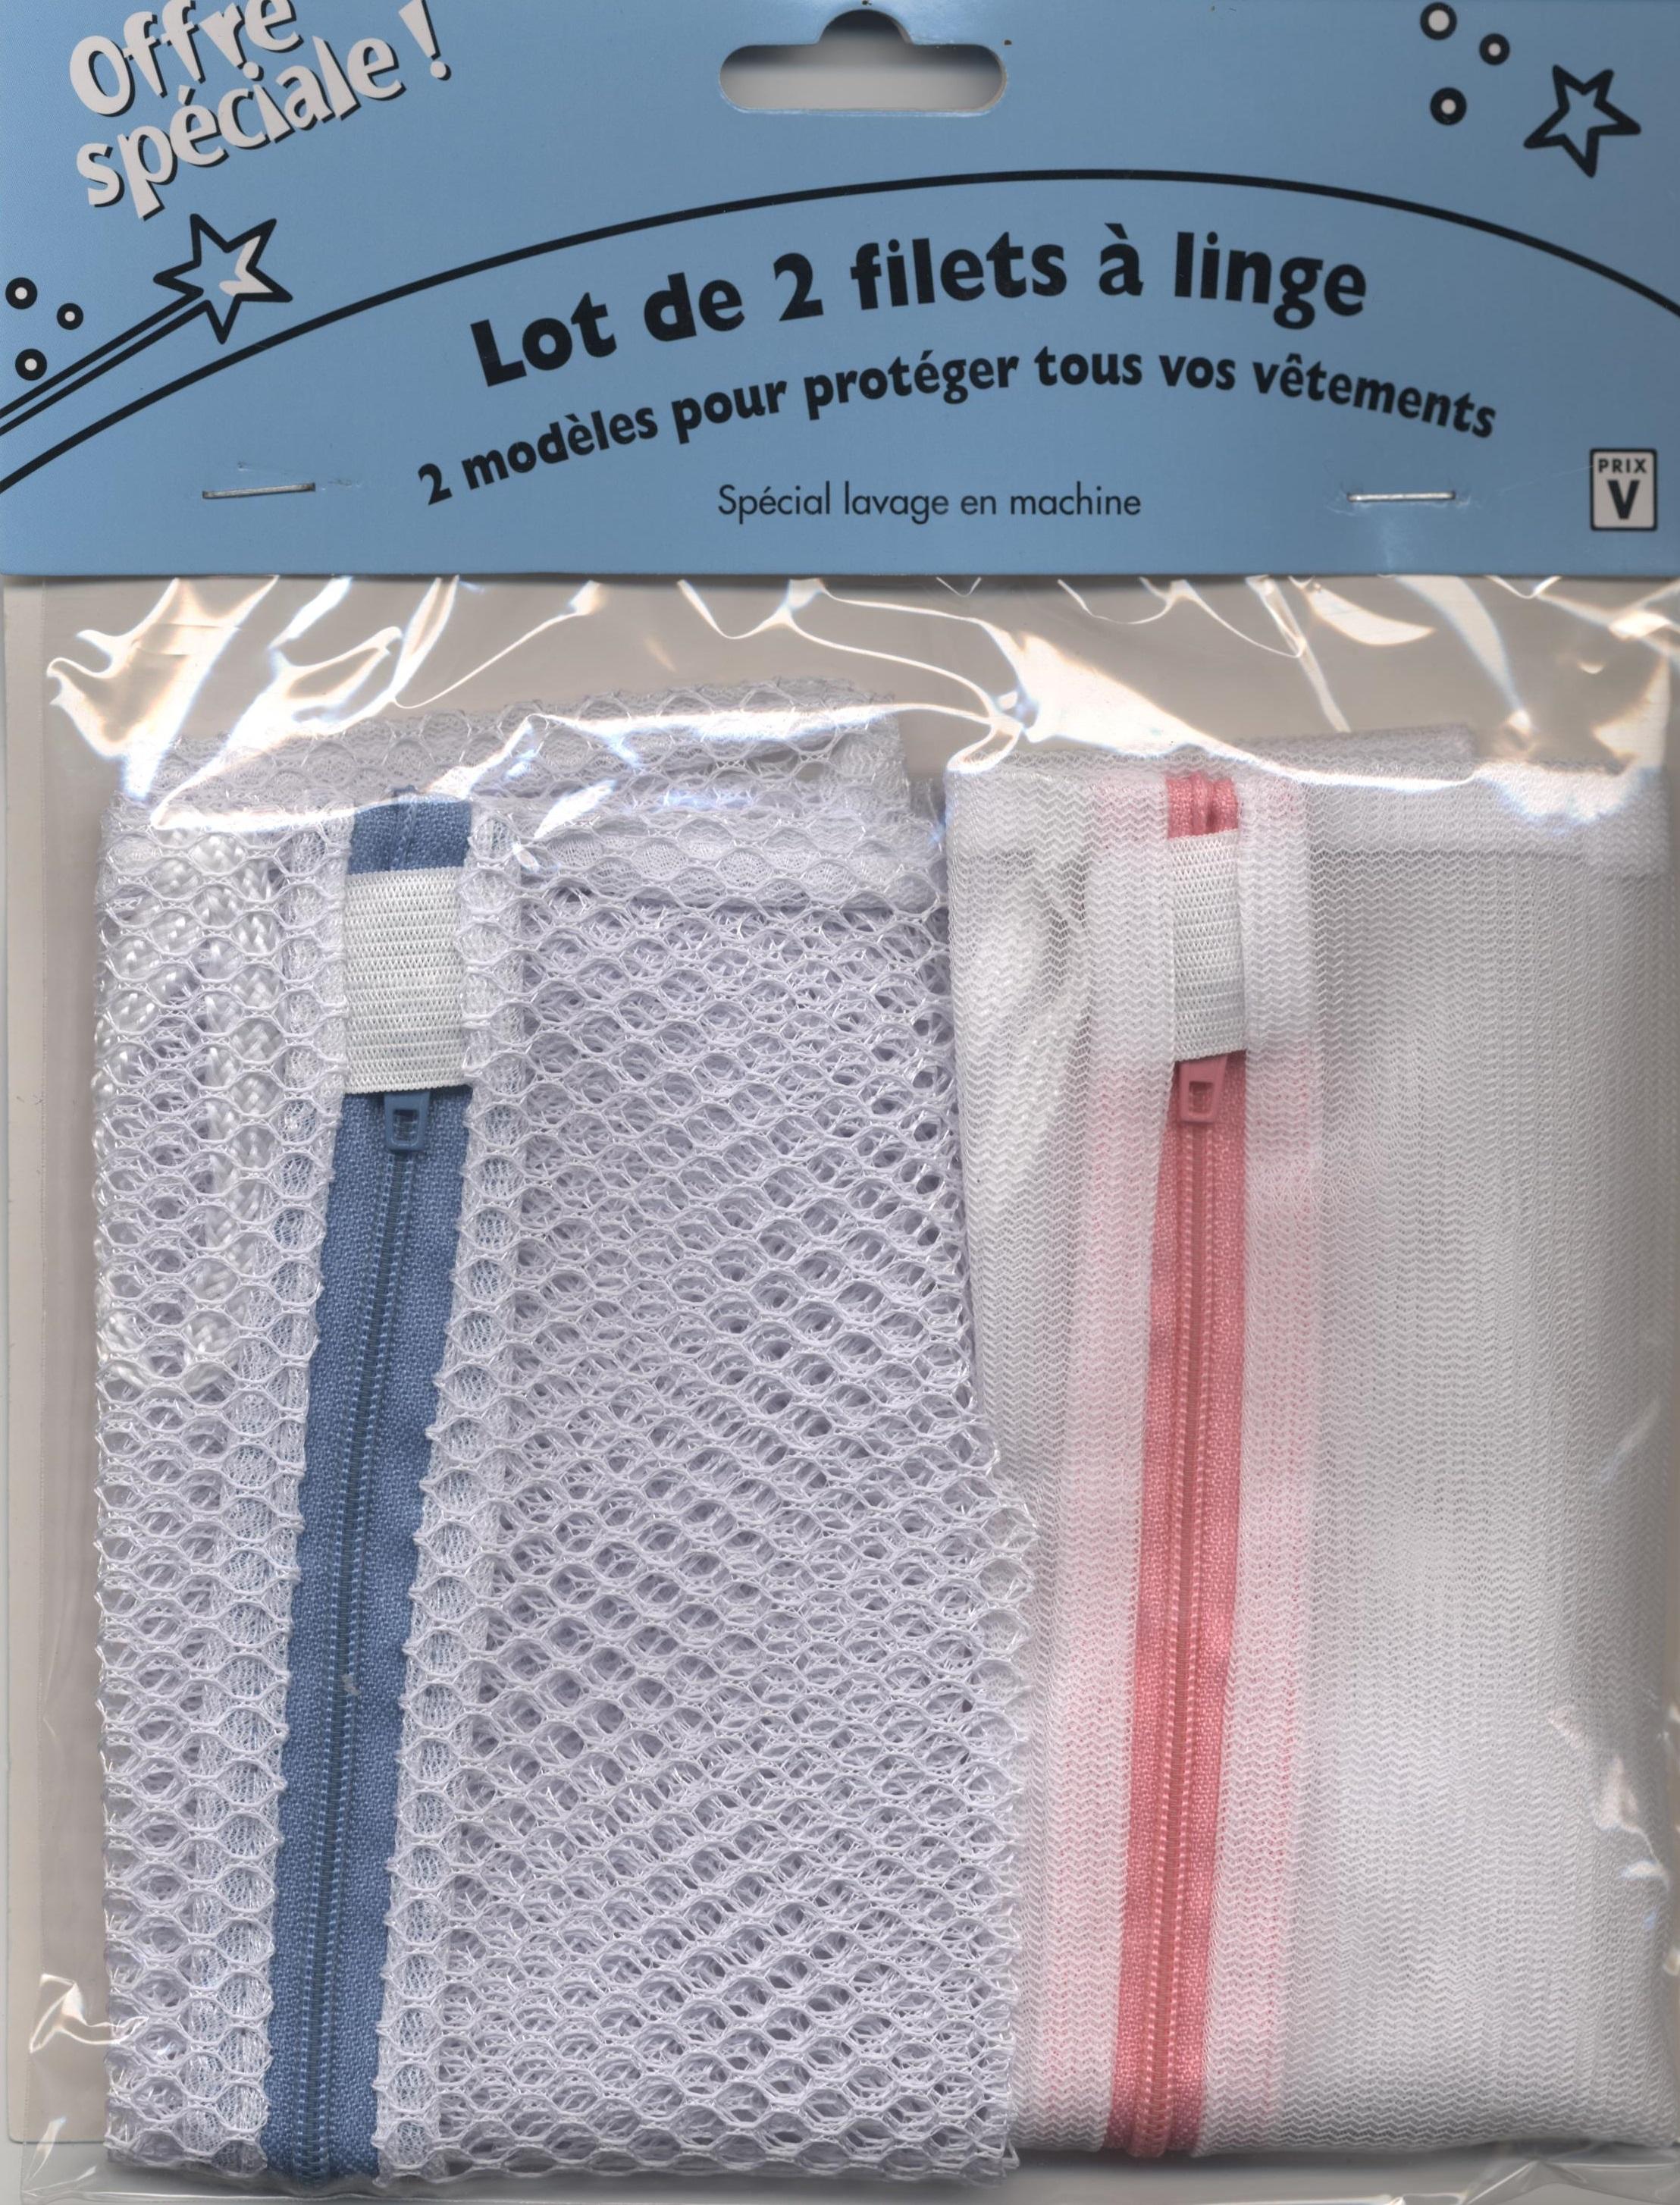 2 filets a linge pour machine laver linge delicat ebay. Black Bedroom Furniture Sets. Home Design Ideas